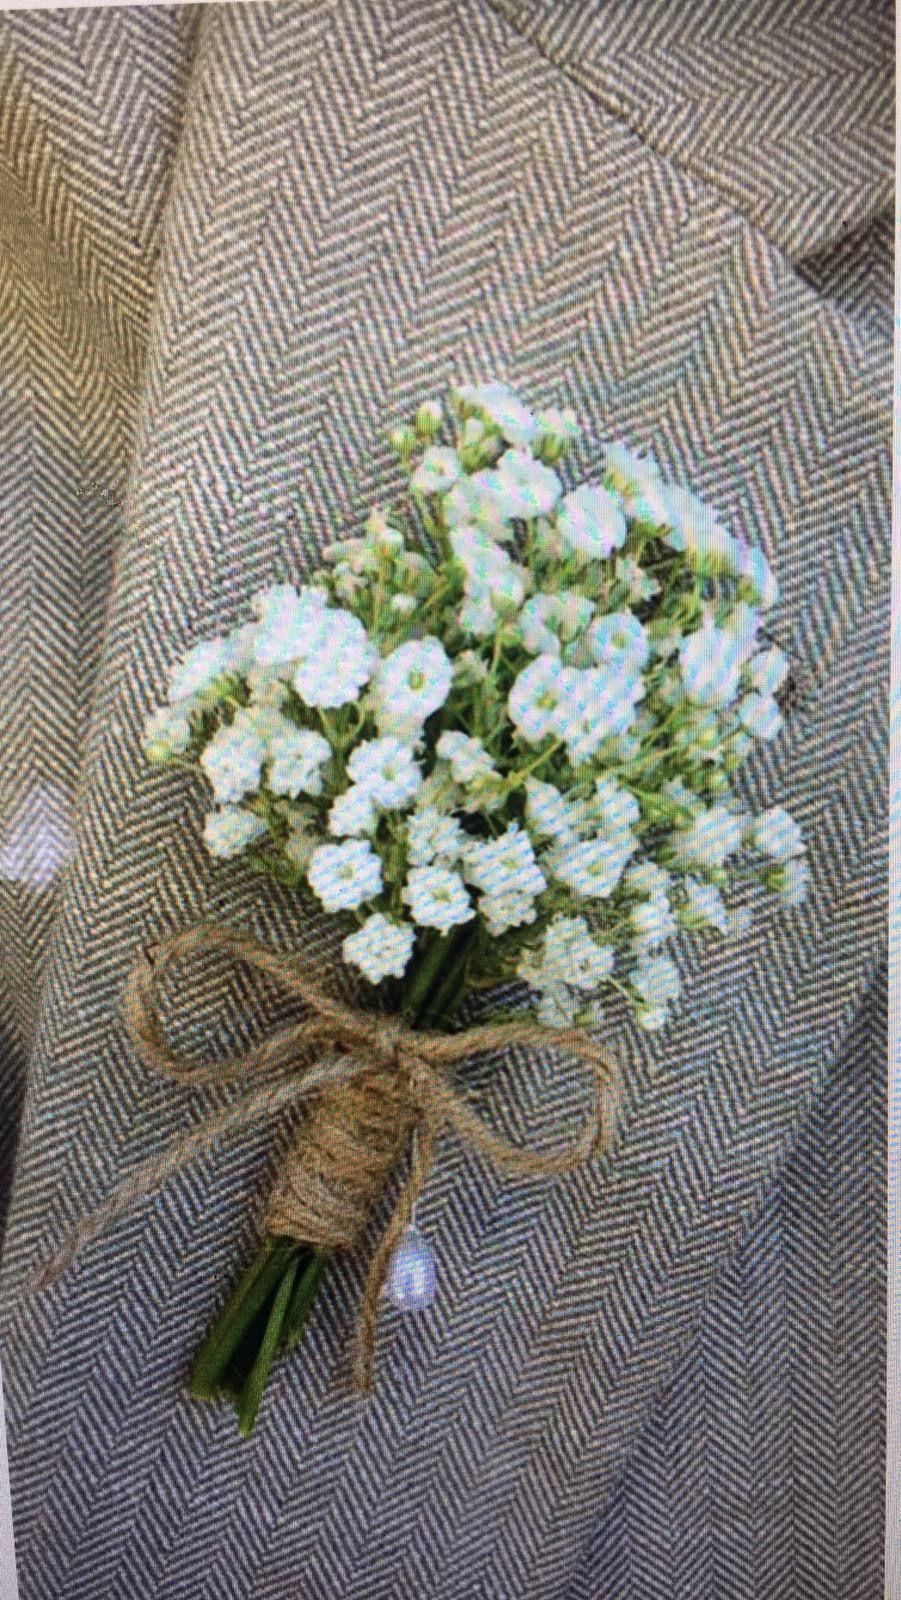 Pin Von Cami Zopfi Auf Bruiloften Anstecker Hochzeit Blumenstrauss Hochzeit Blumenschmuck Hochzeit